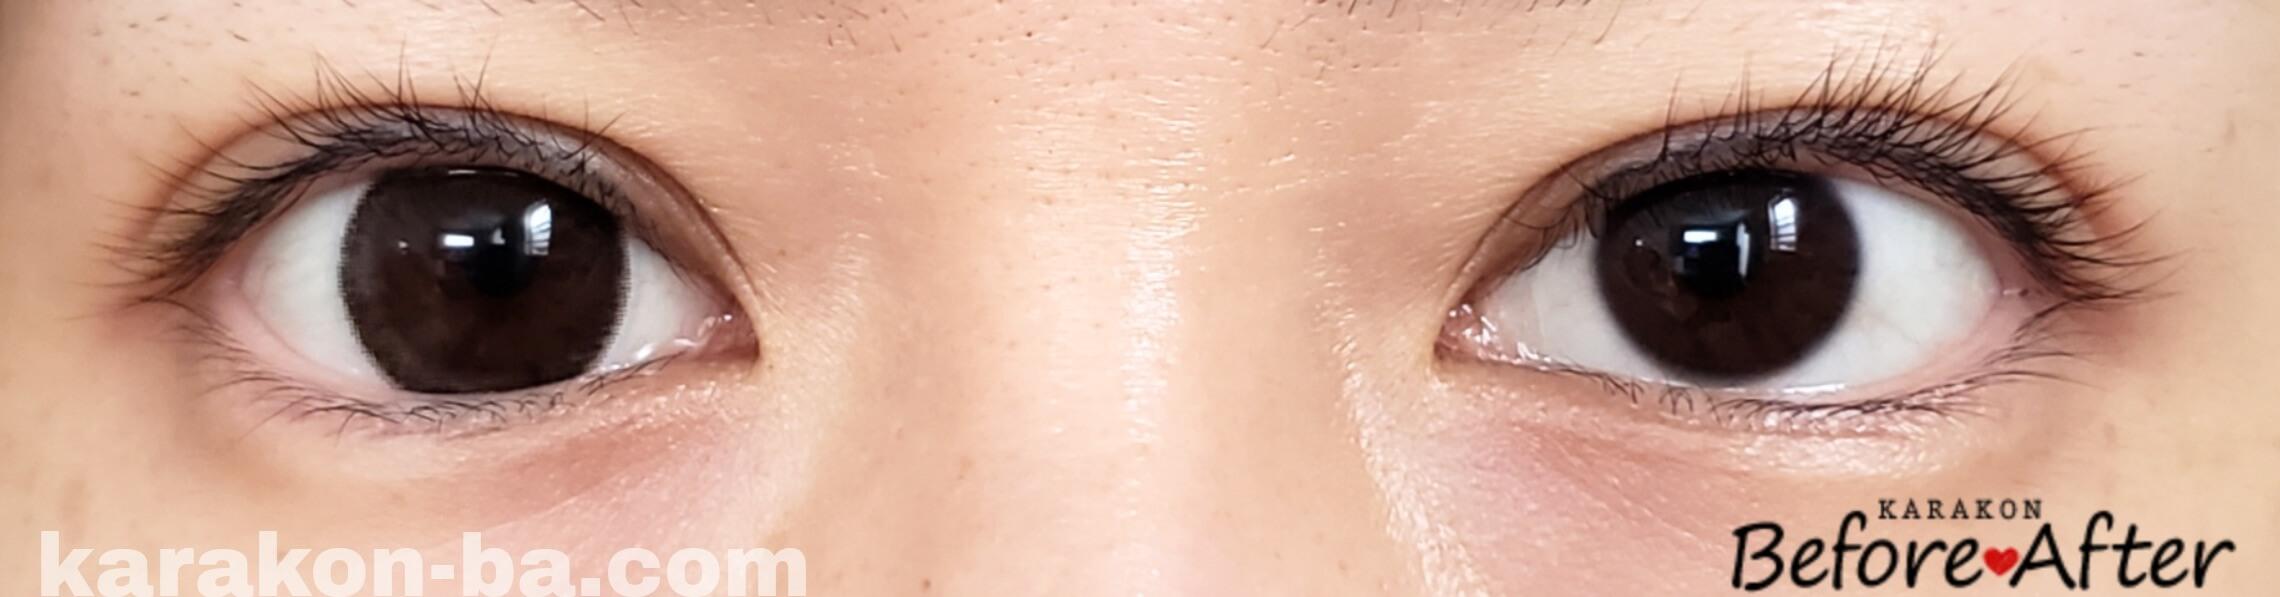 ダークモカのカラコン装着画像/裸眼と比較